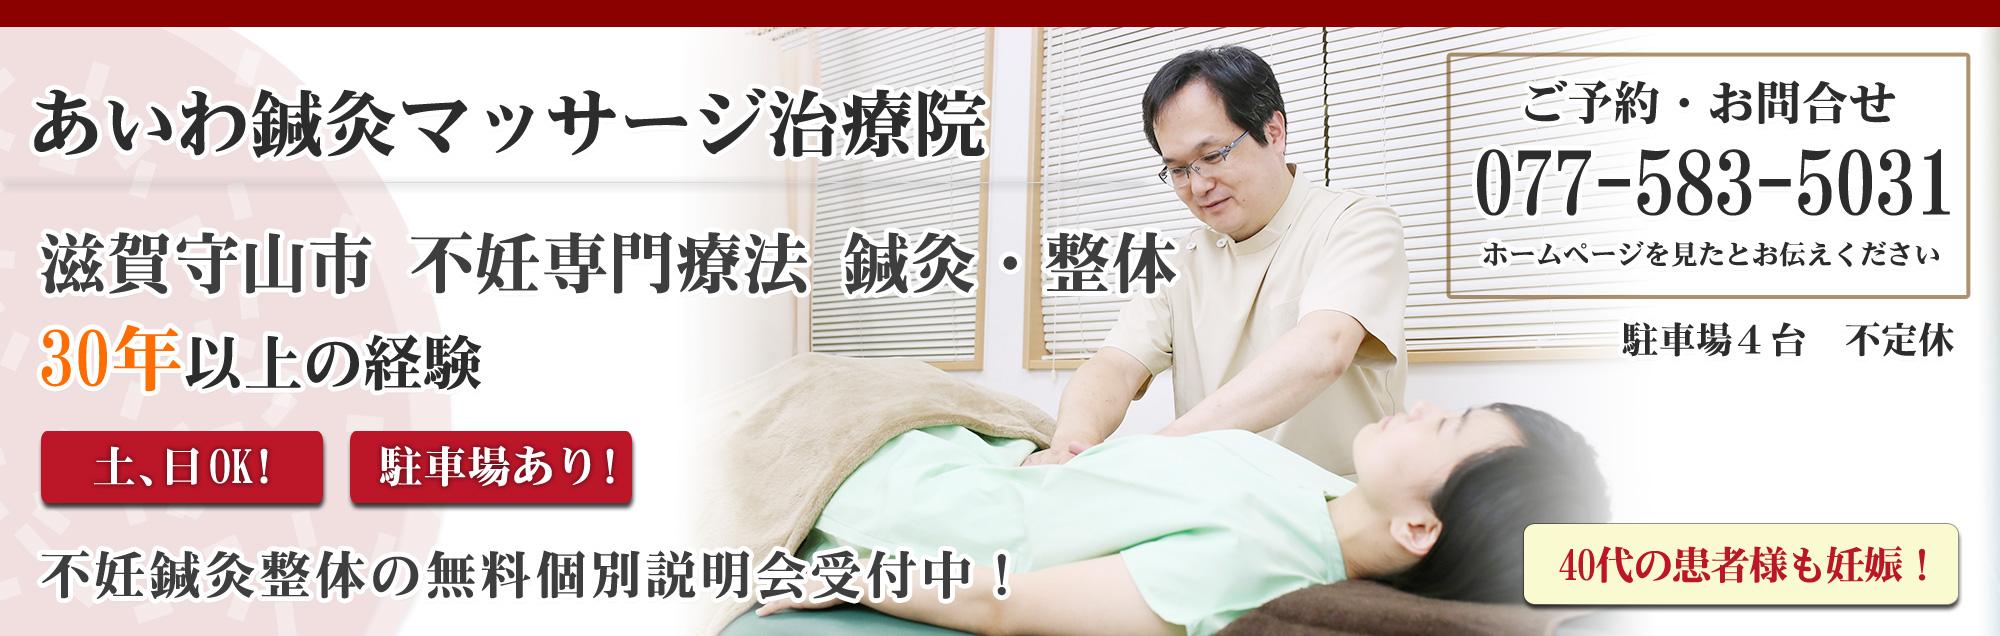 あいわ鍼灸マッサージ治療院